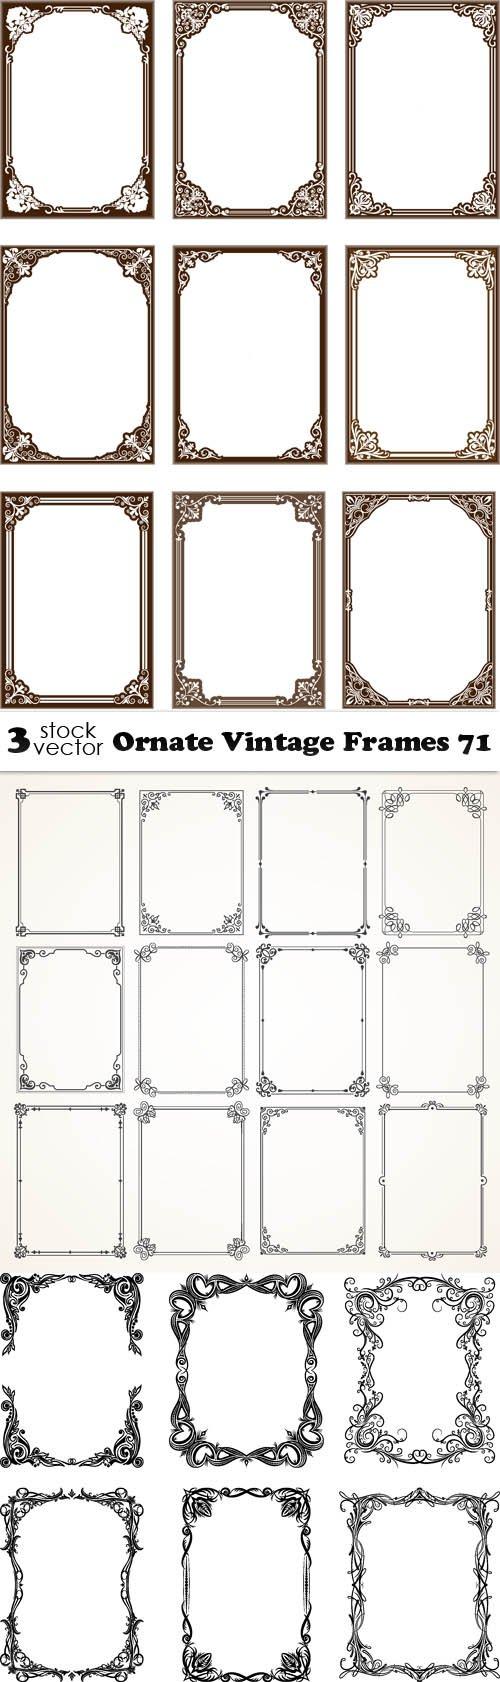 Vectors - Ornate Vintage Frames 71